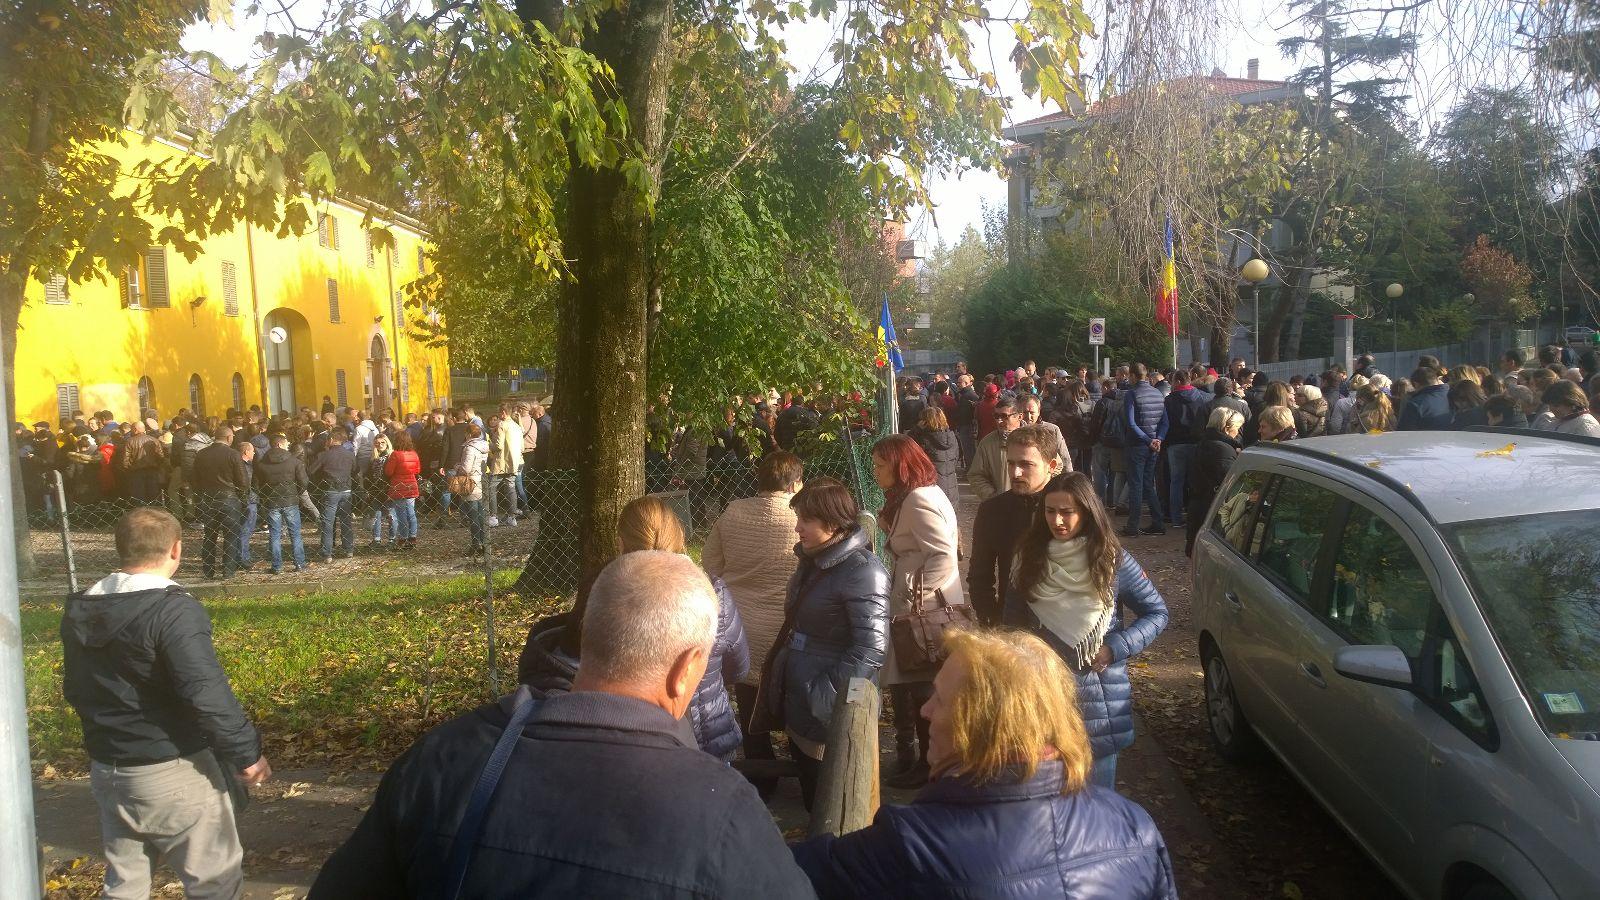 Aproximativ 500 de moldoveni se află în fața în fața secției de votare din Parma. FOTO: Alexandru Strâmbeanu